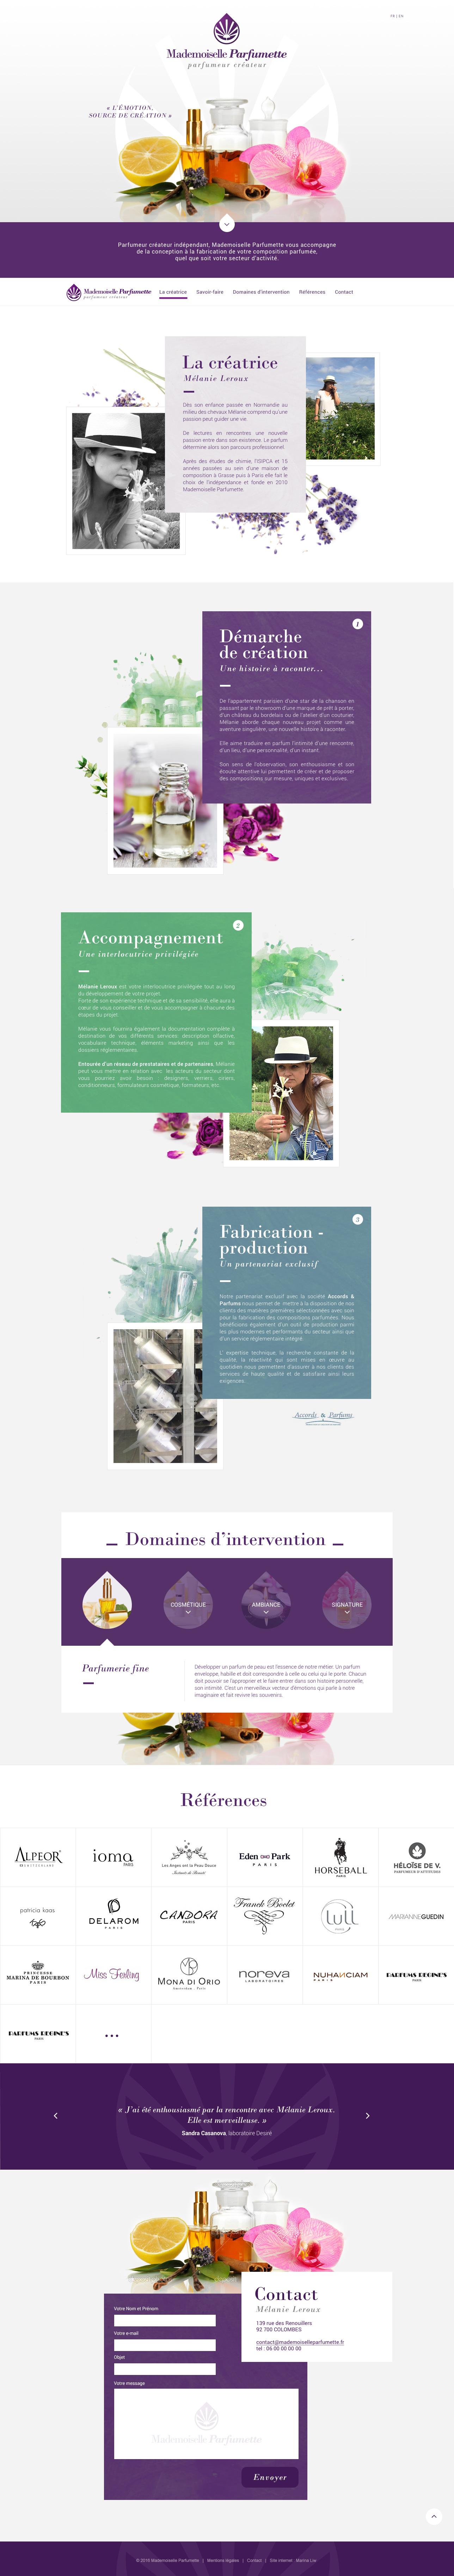 Création de site internet One Page WordPress - Créateur parfum mode - webdesign webdesigner